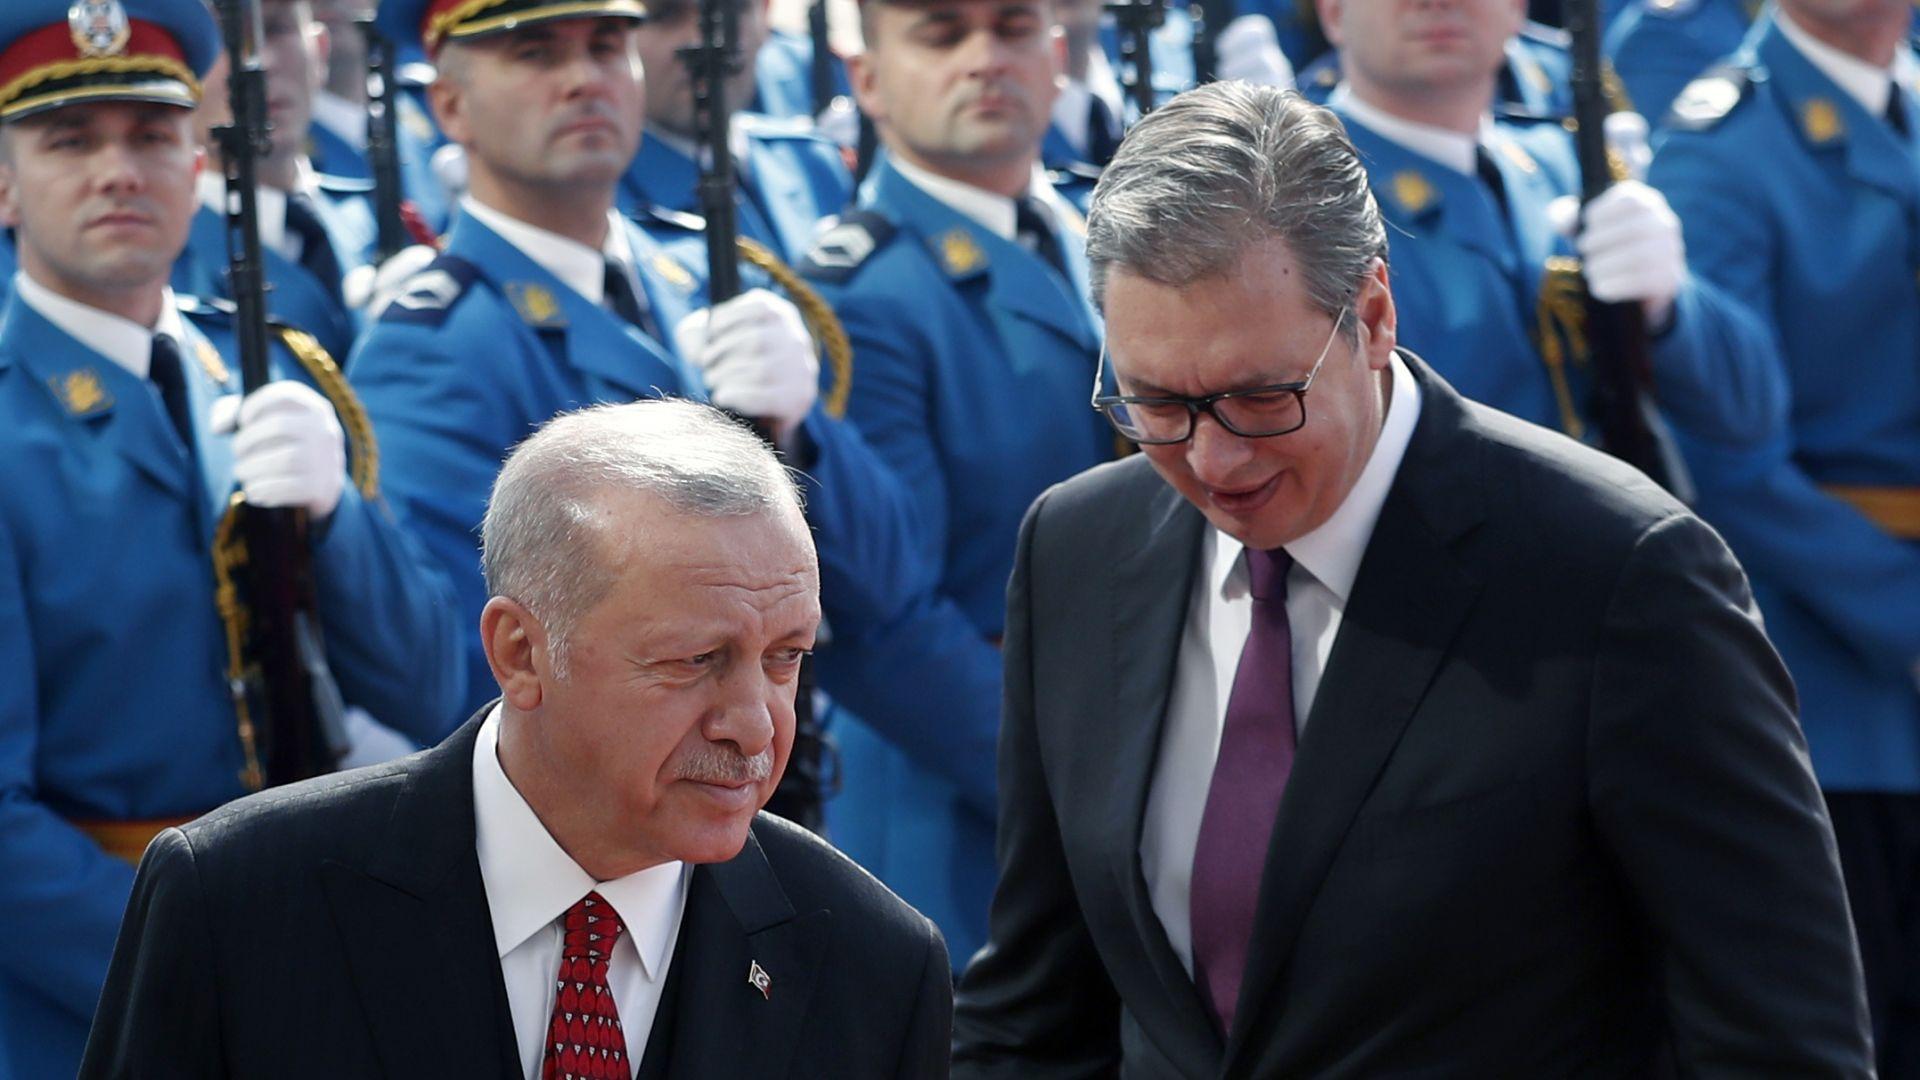 Ердоган пристигна в Белград, сръбски самолети го съпровождаха във въздуха